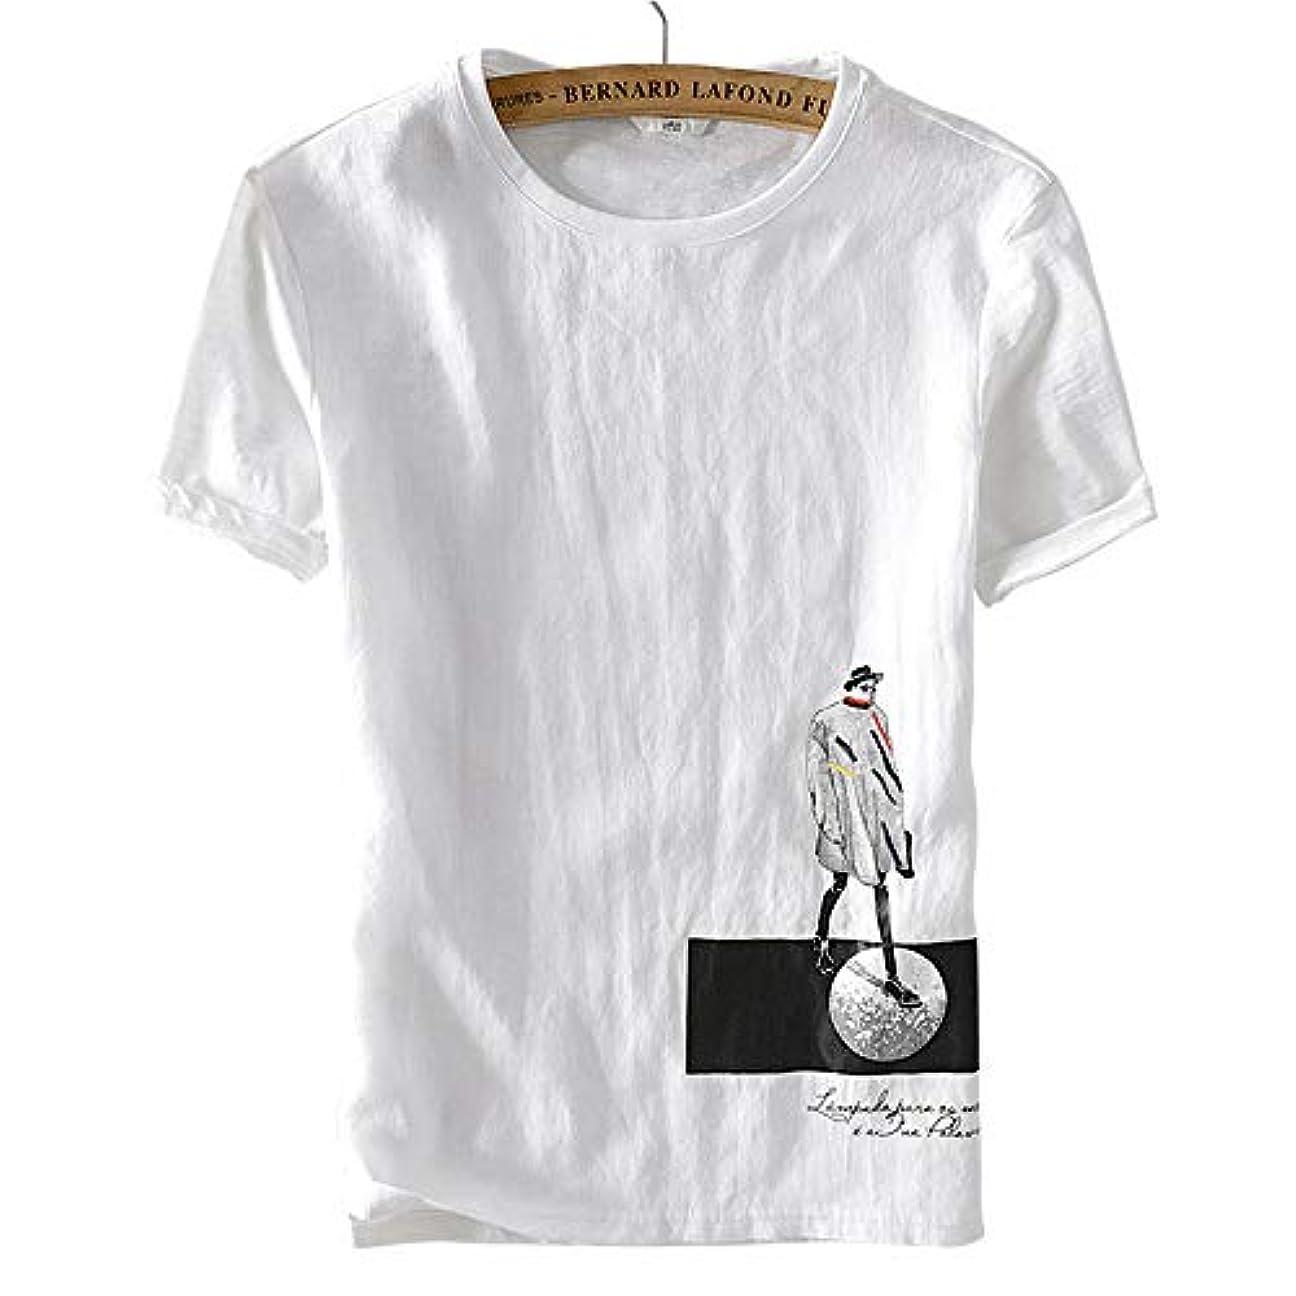 部門ワーカー獣リネン半袖tシャツ 刺繍 白シャツ 無地Tシャツ クルーネック 大きいサイズ 通気性